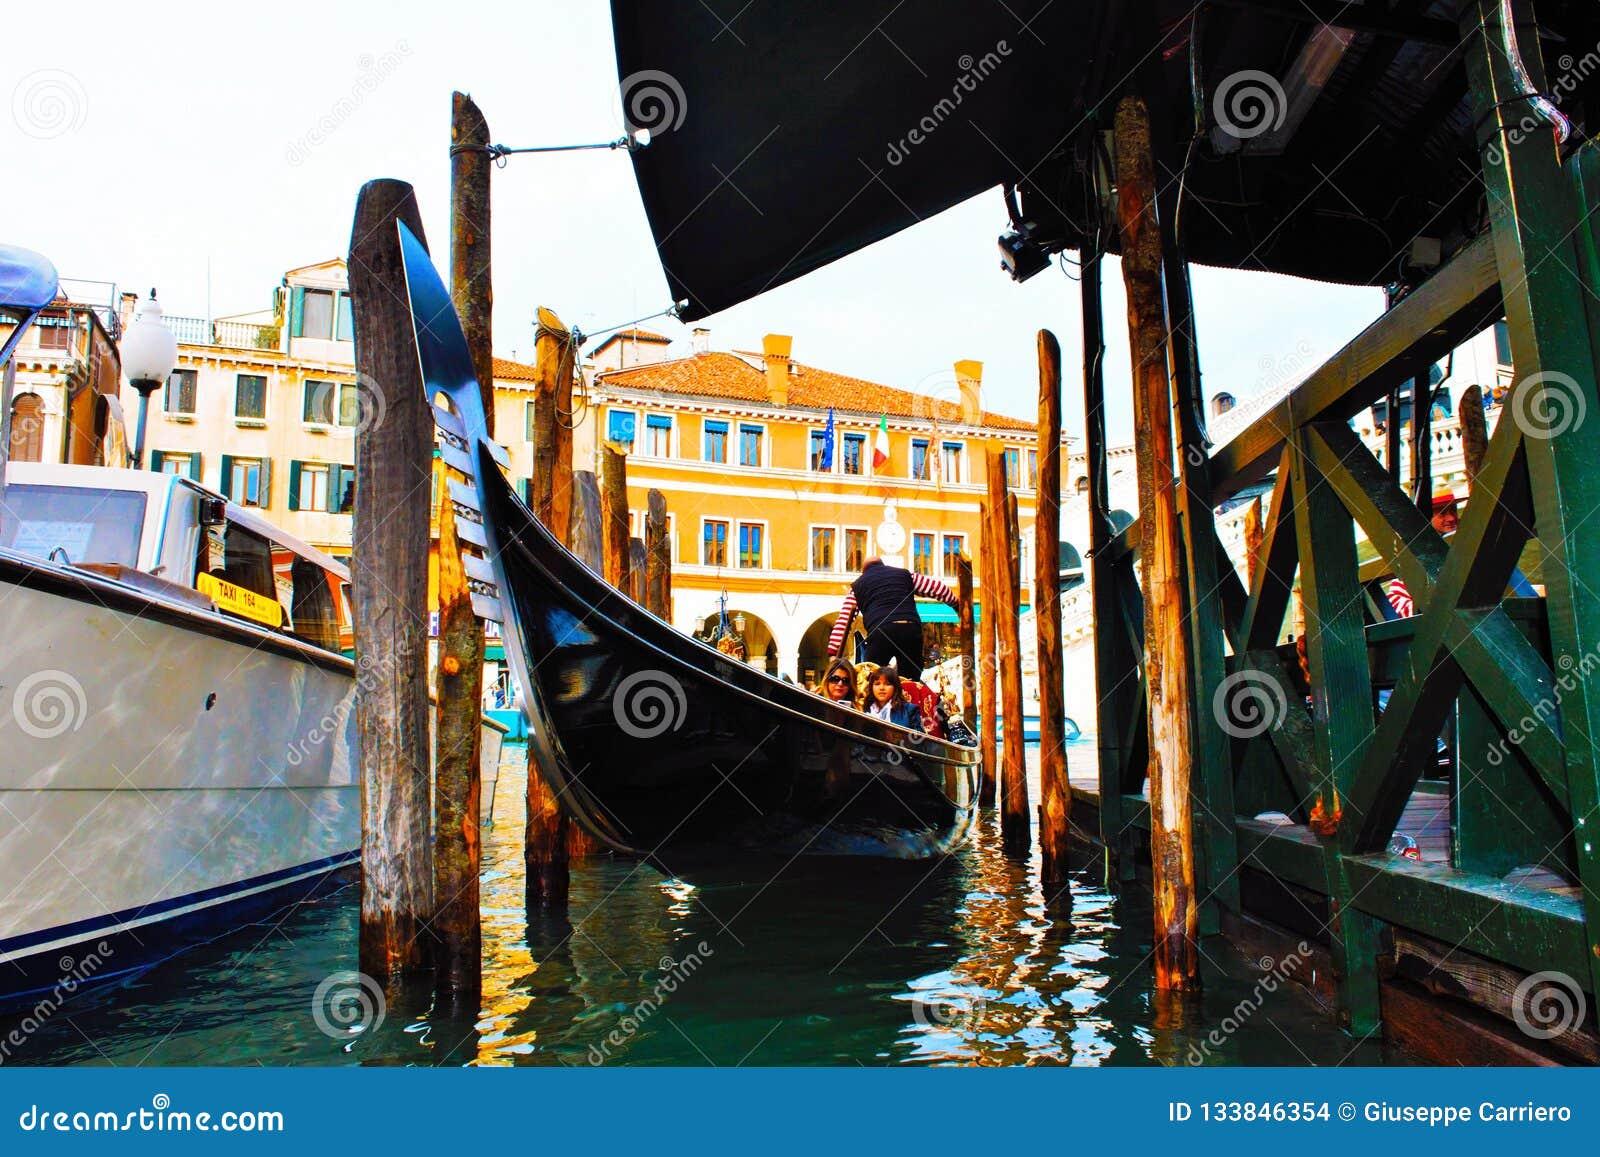 гондола причаленная в Венеции, гондола, половинный венецианский историк